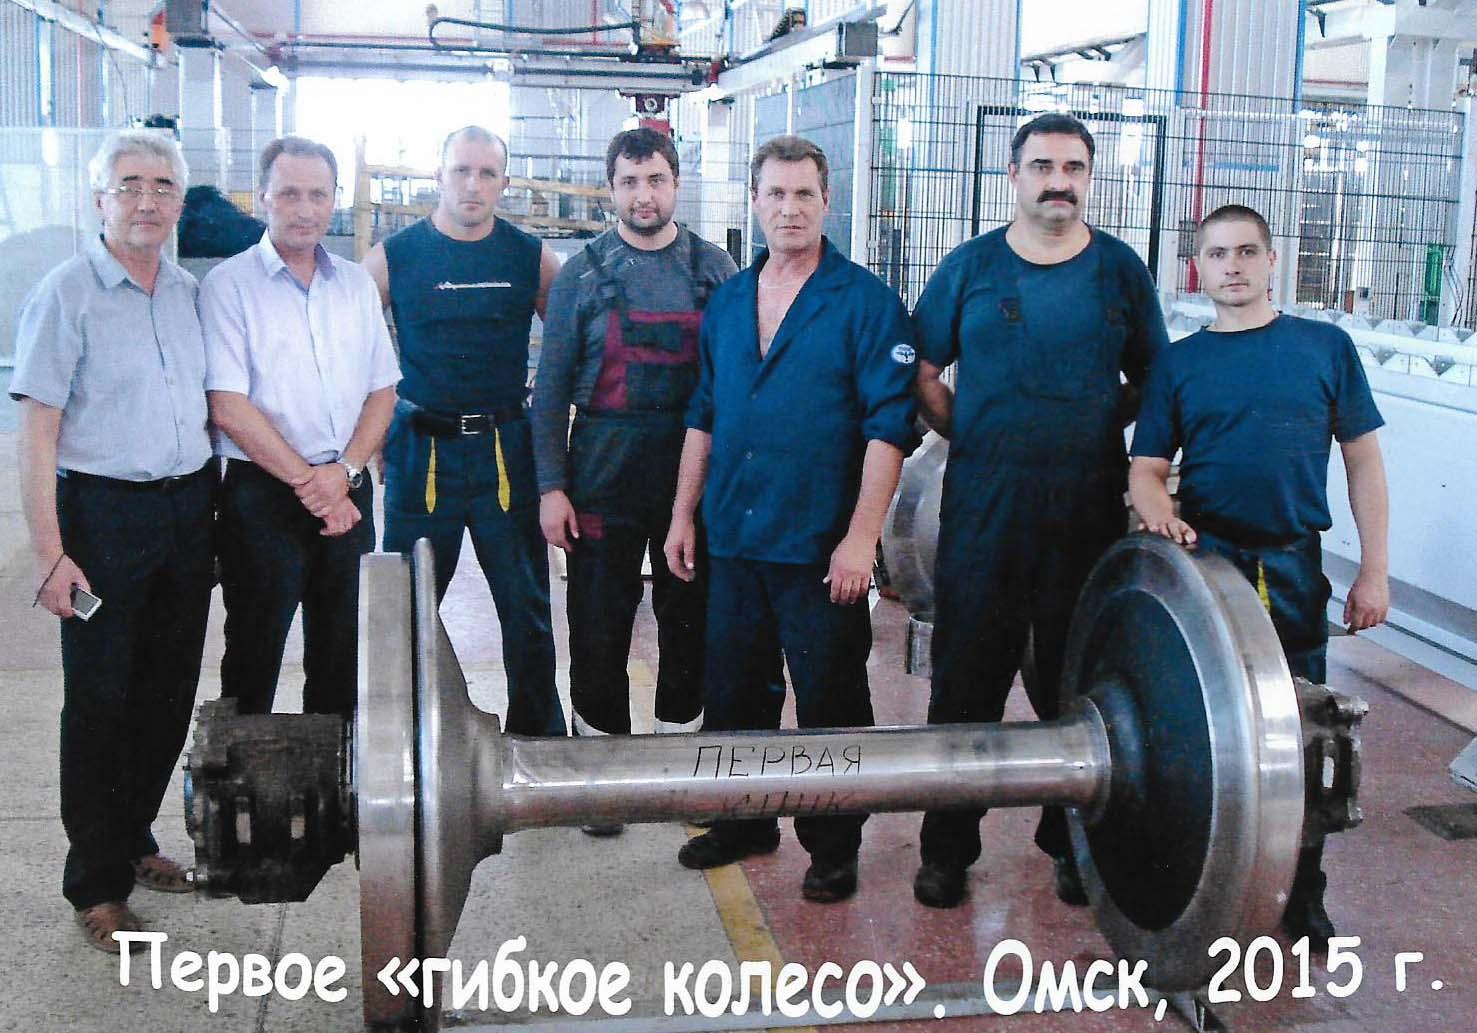 omsk-9